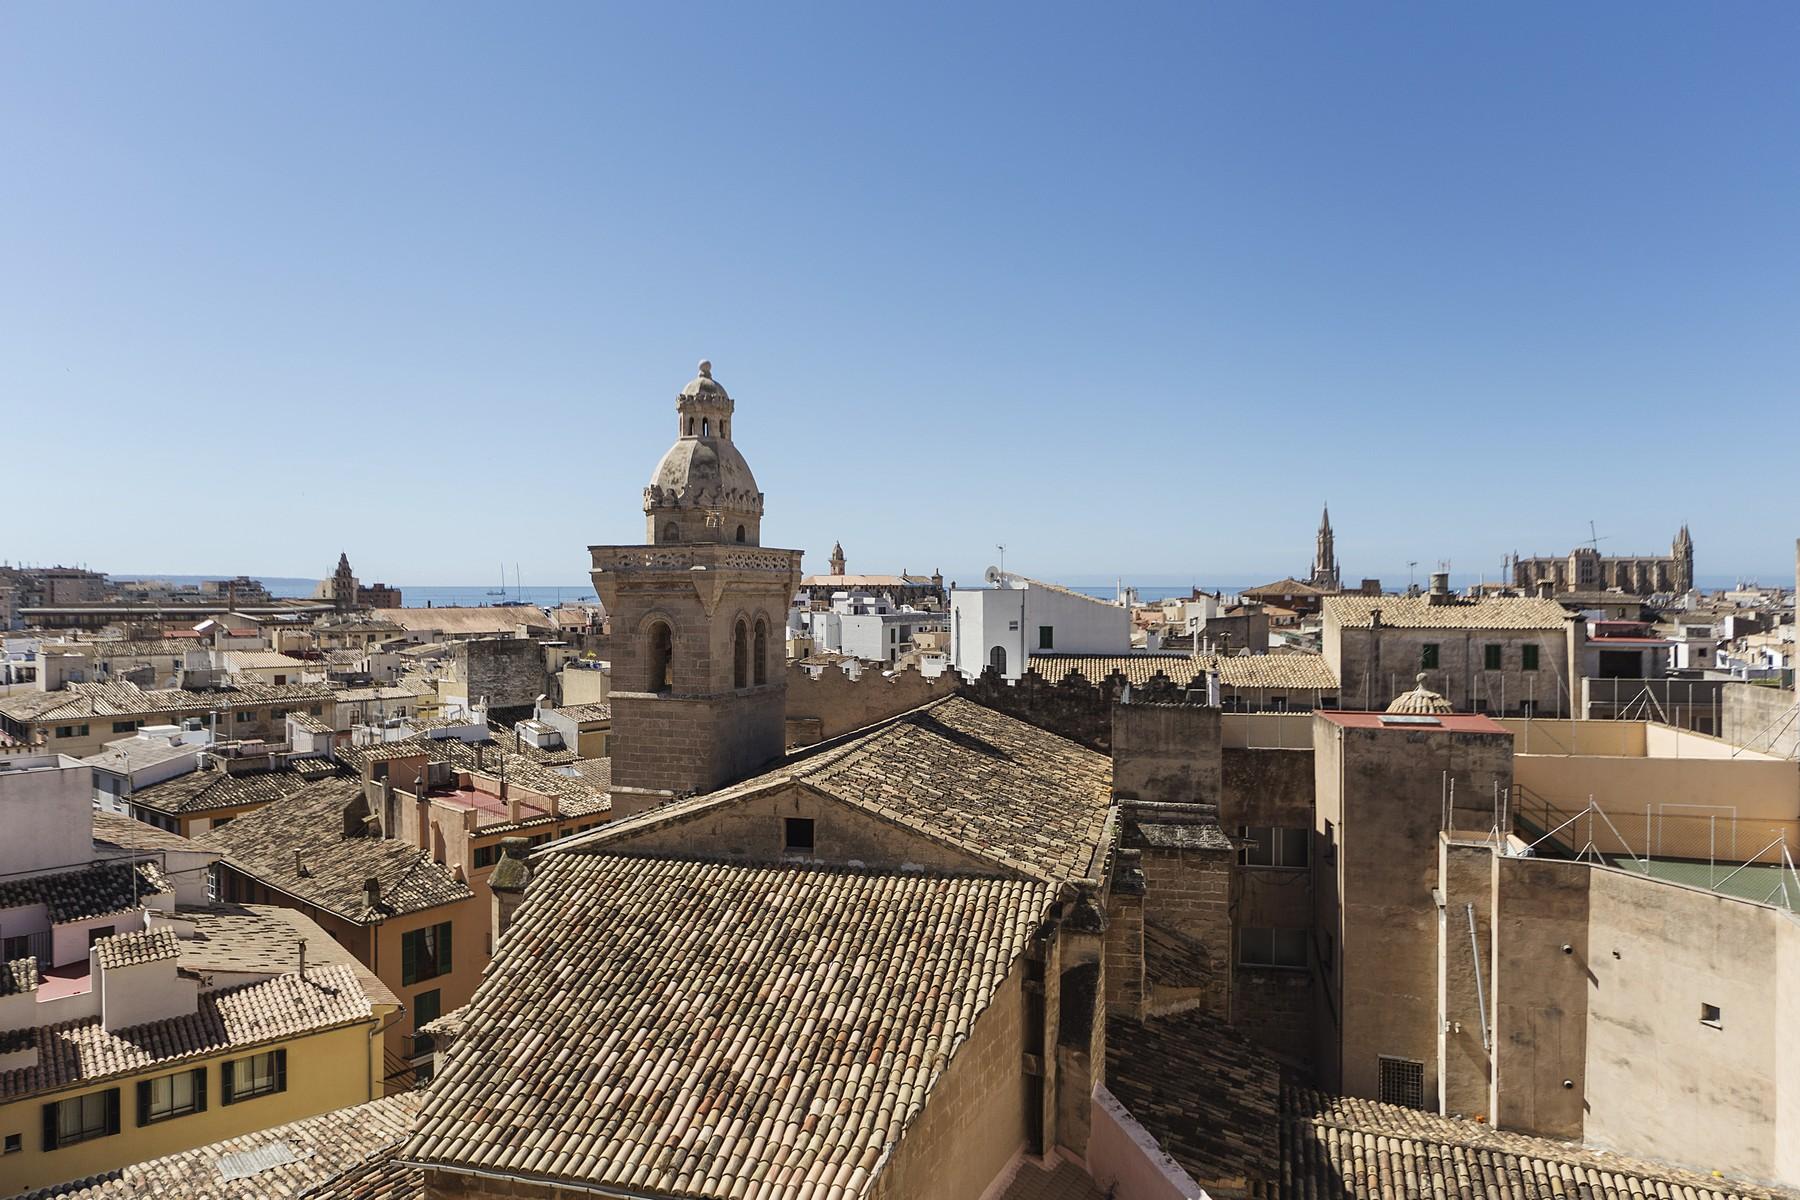 独户住宅 为 出租 在 Penthouse with views in Palma for rent 马洛卡, 巴利阿里群岛, 西班牙